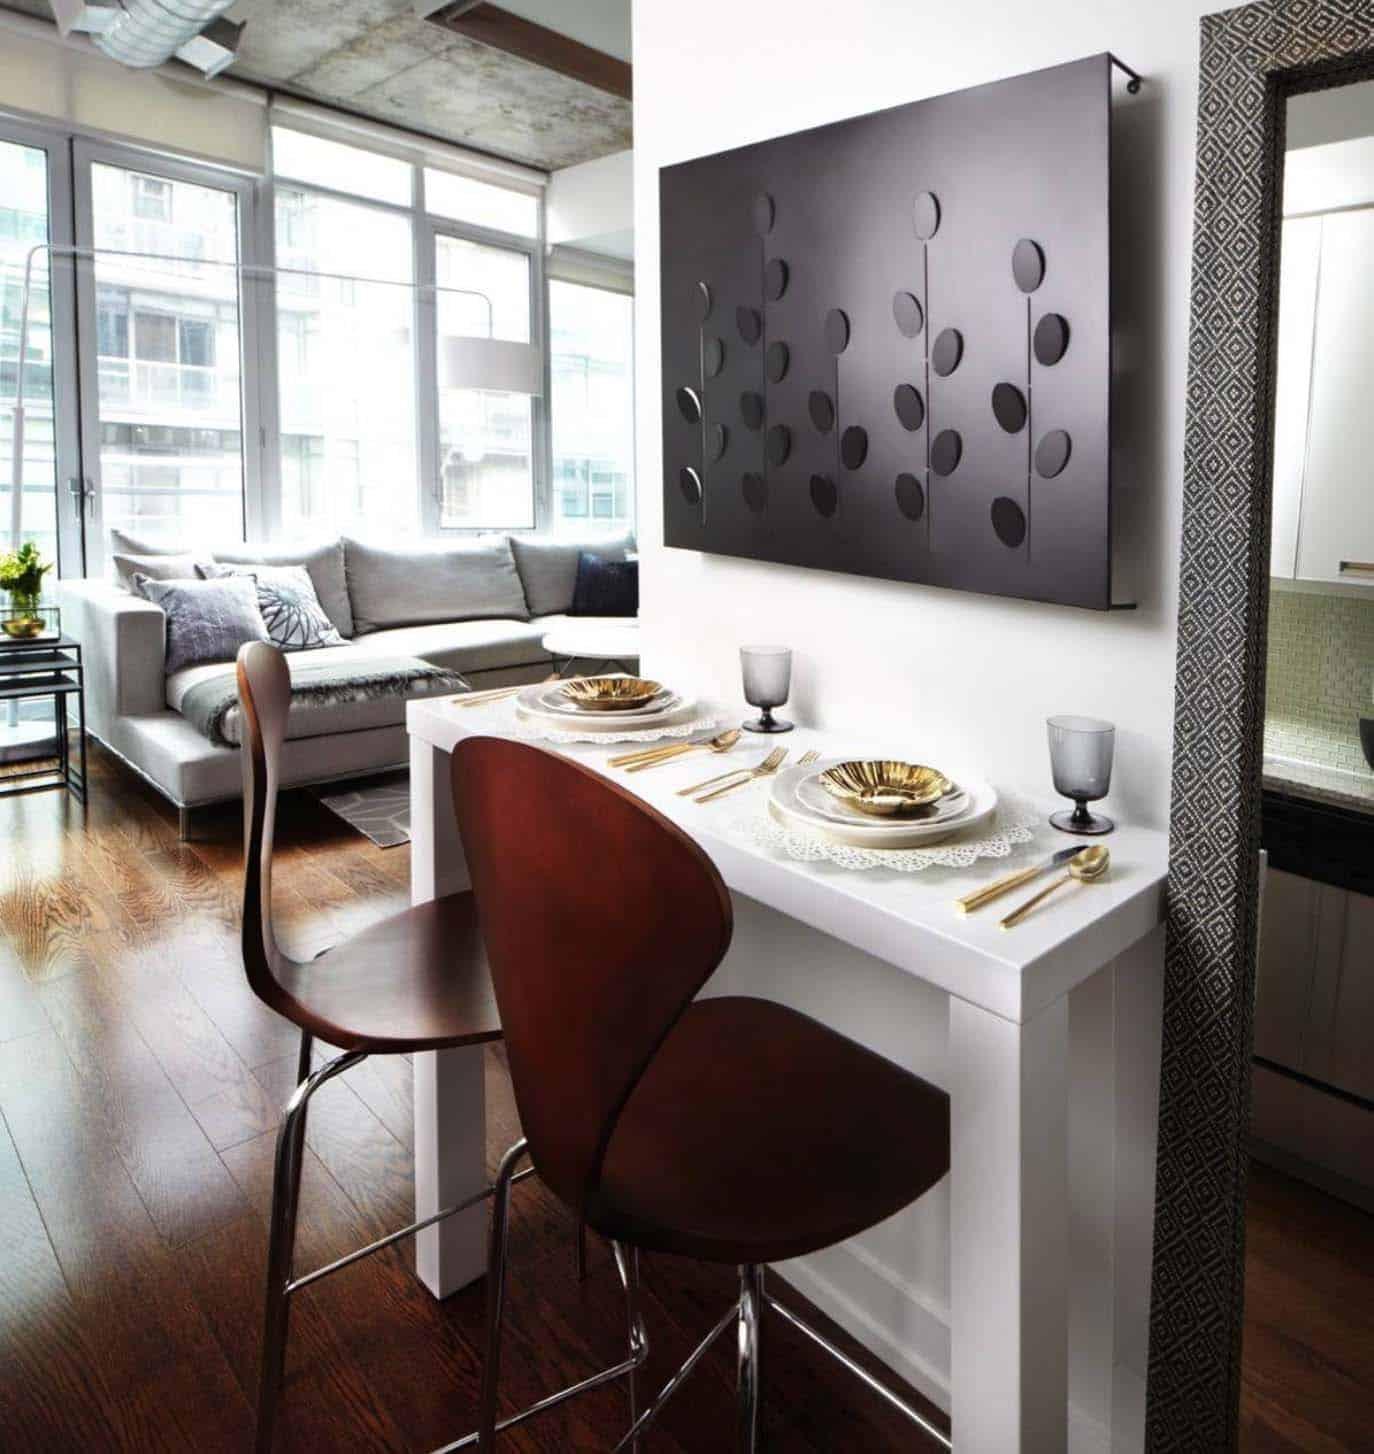 Suite Condo Contemporaine-LUX Design-07-1 Kindesign